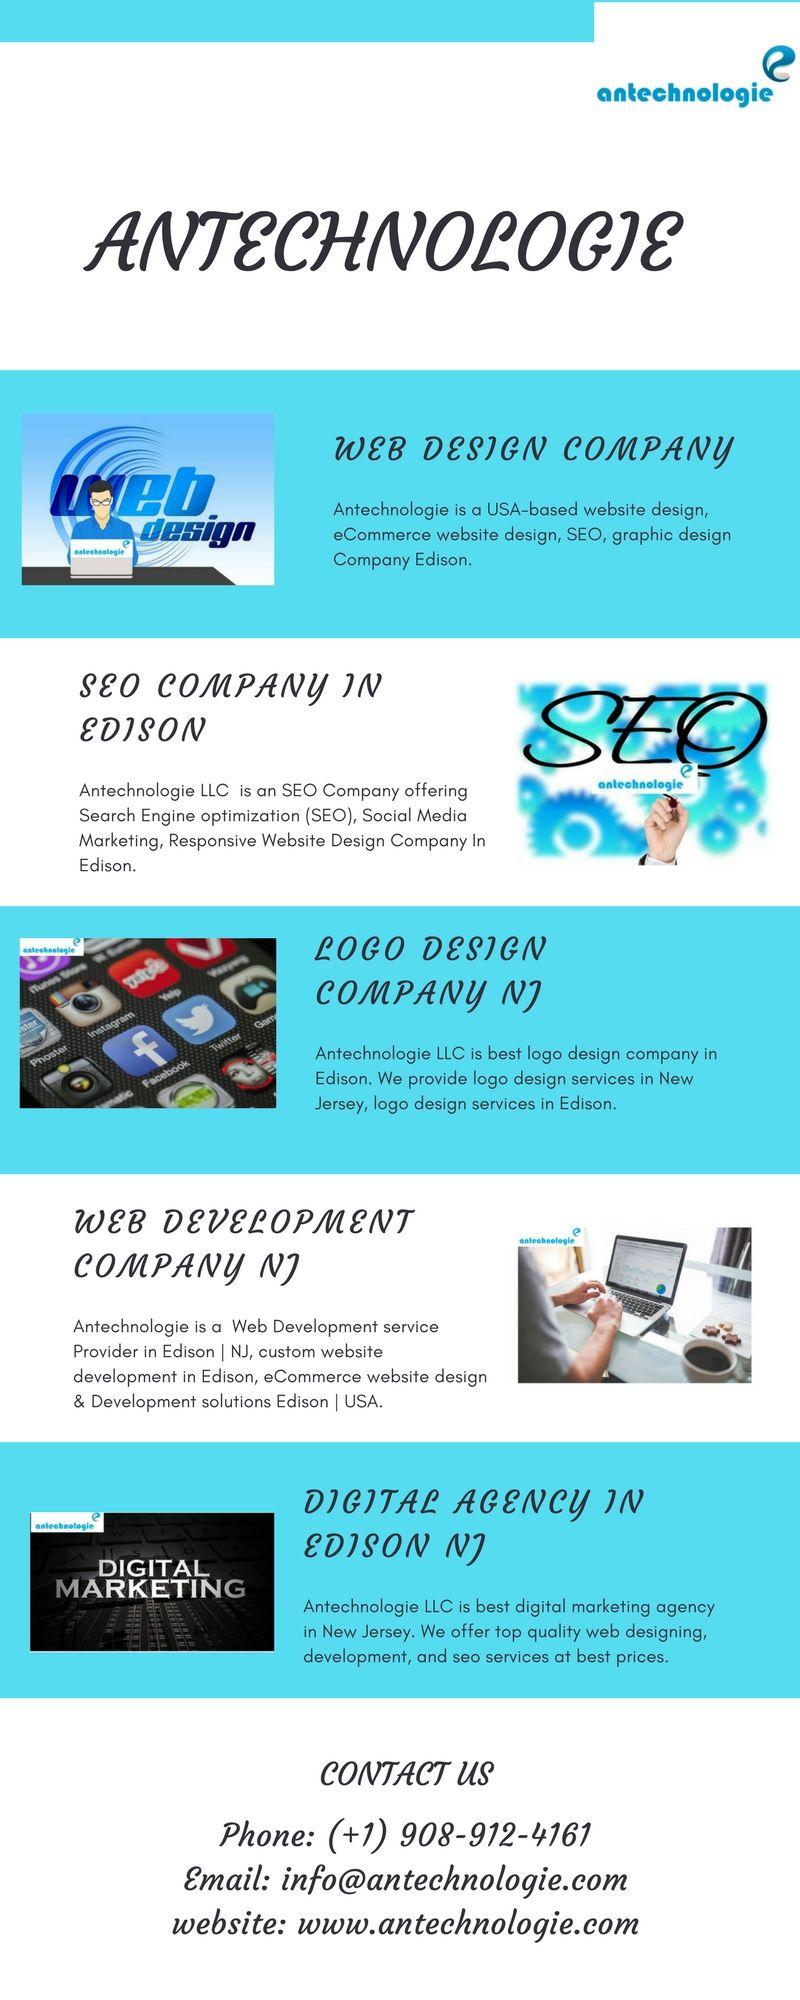 Seo Agency In Edison Web Design Website Design Company Web Development Company